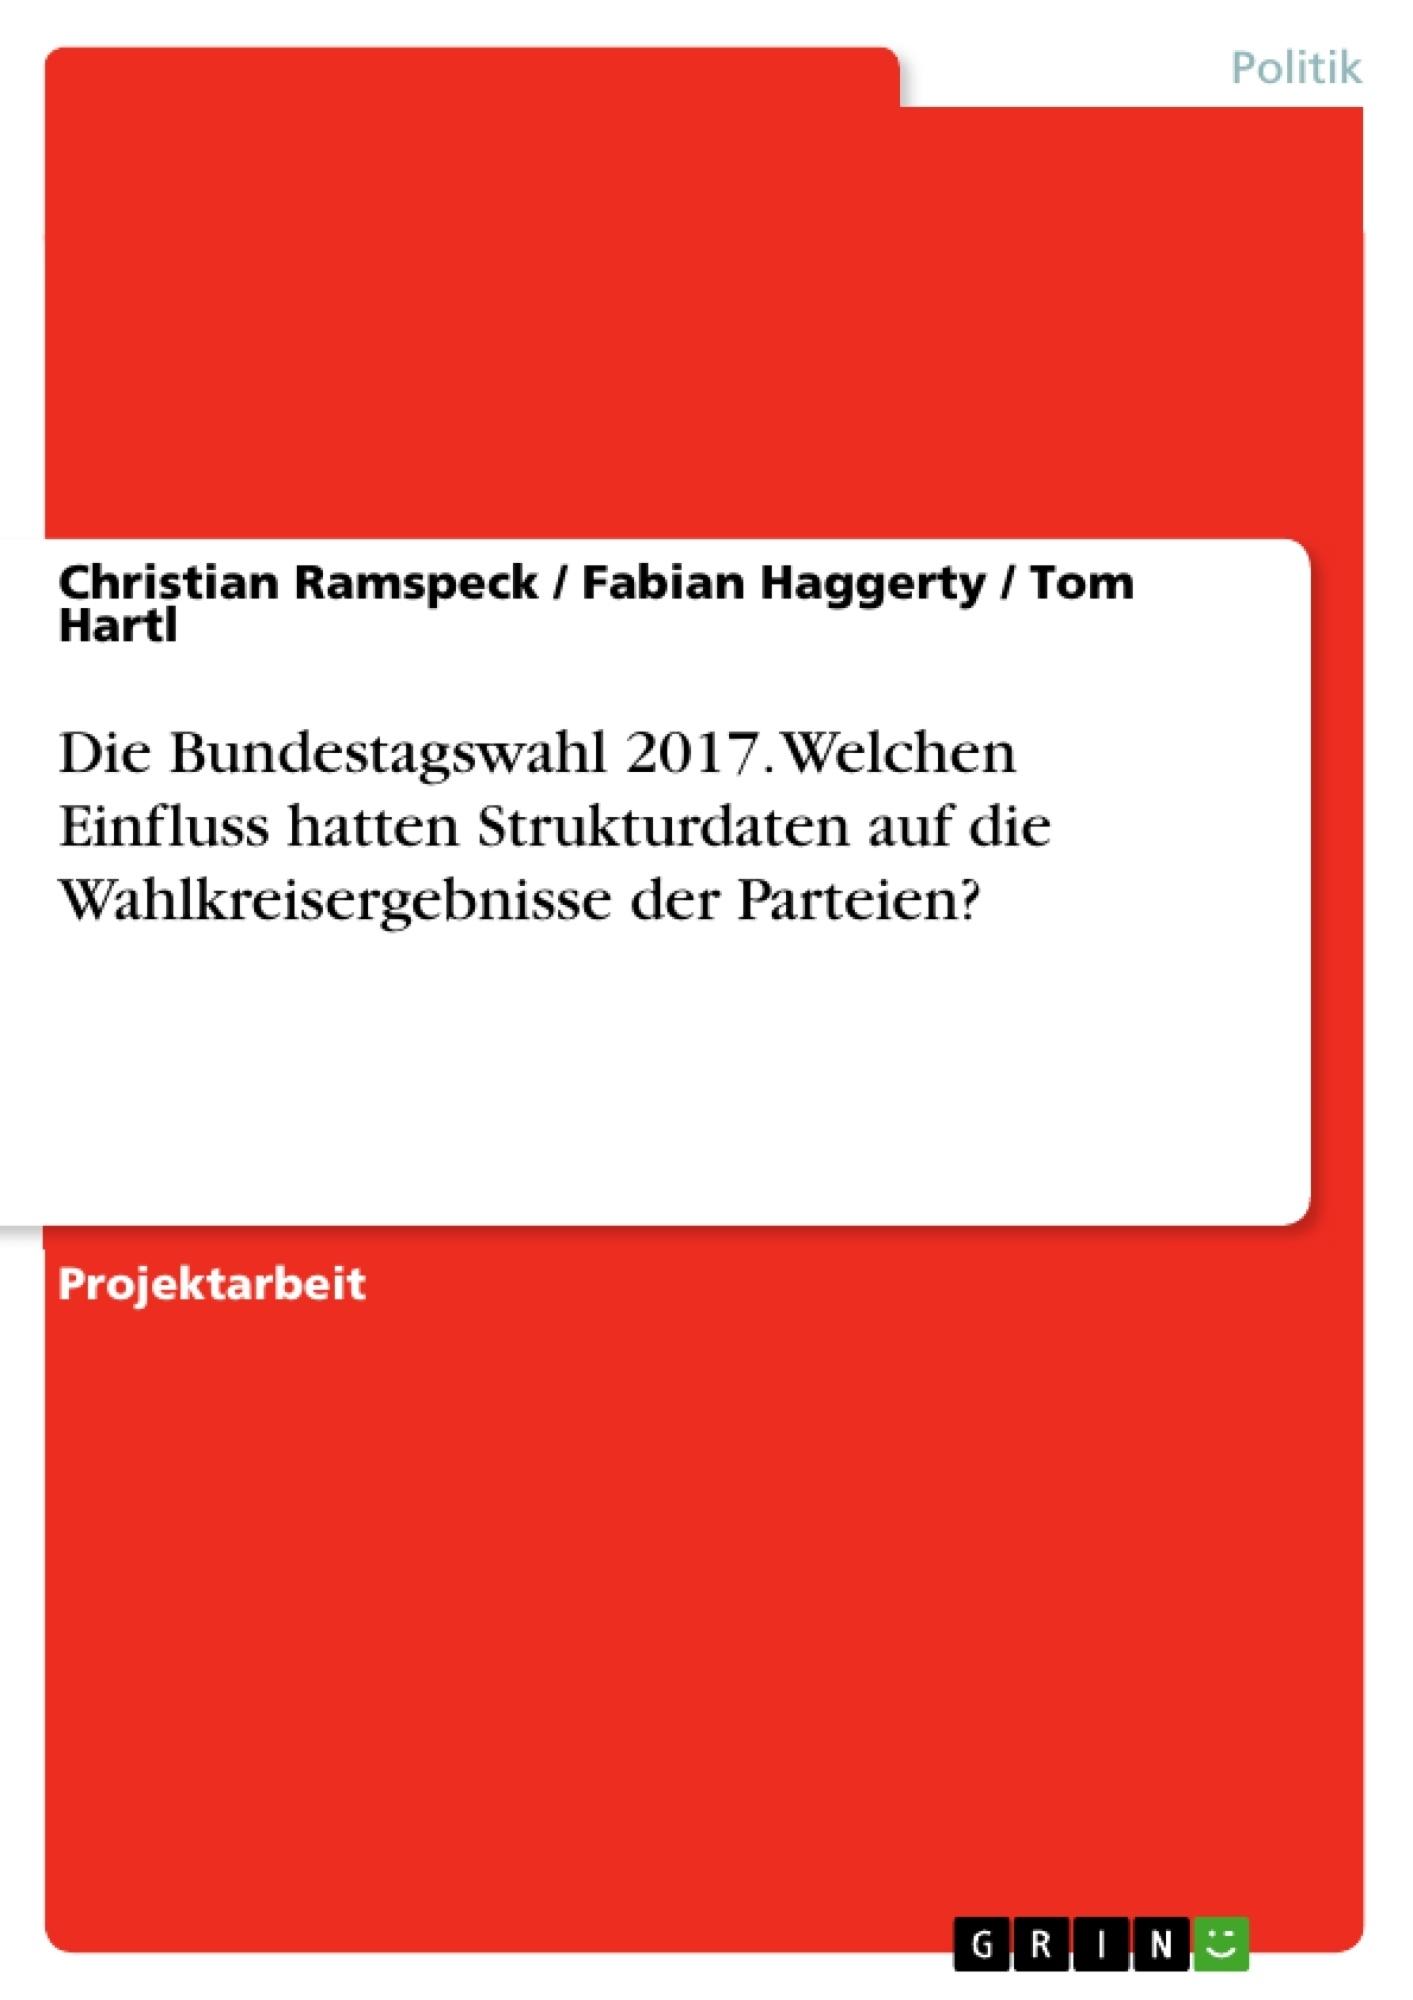 Titel: Die Bundestagswahl 2017. Welchen Einfluss hatten Strukturdaten auf die Wahlkreisergebnisse der Parteien?